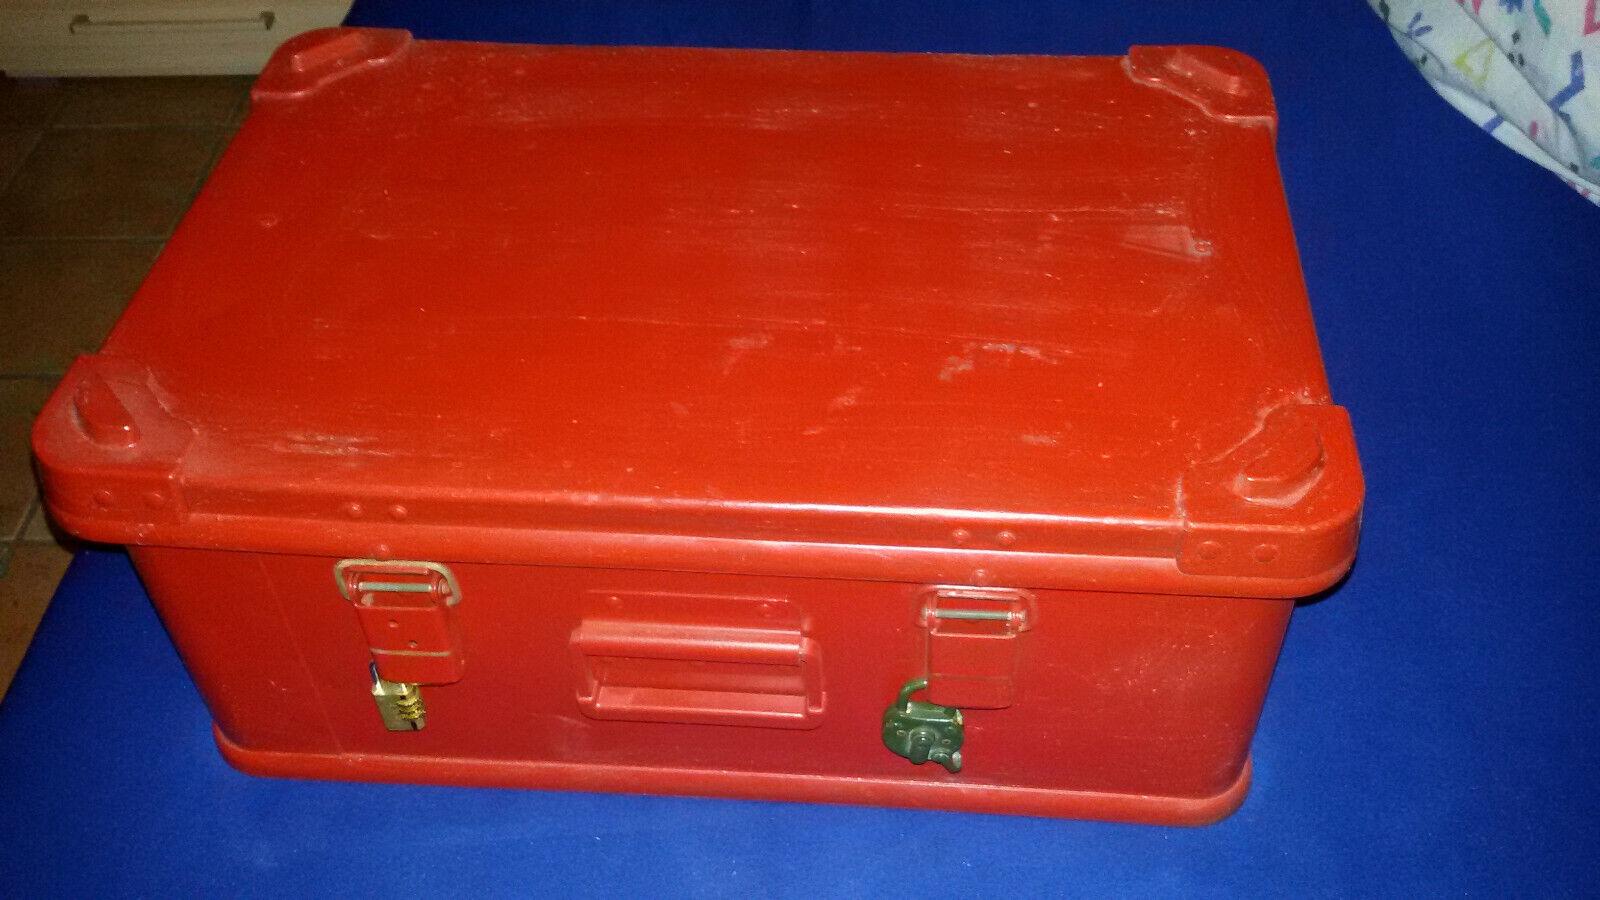 Zargesbox ALU en Color que deseas pastillero a5 aluminio Bundeswehr ca 593924 cm